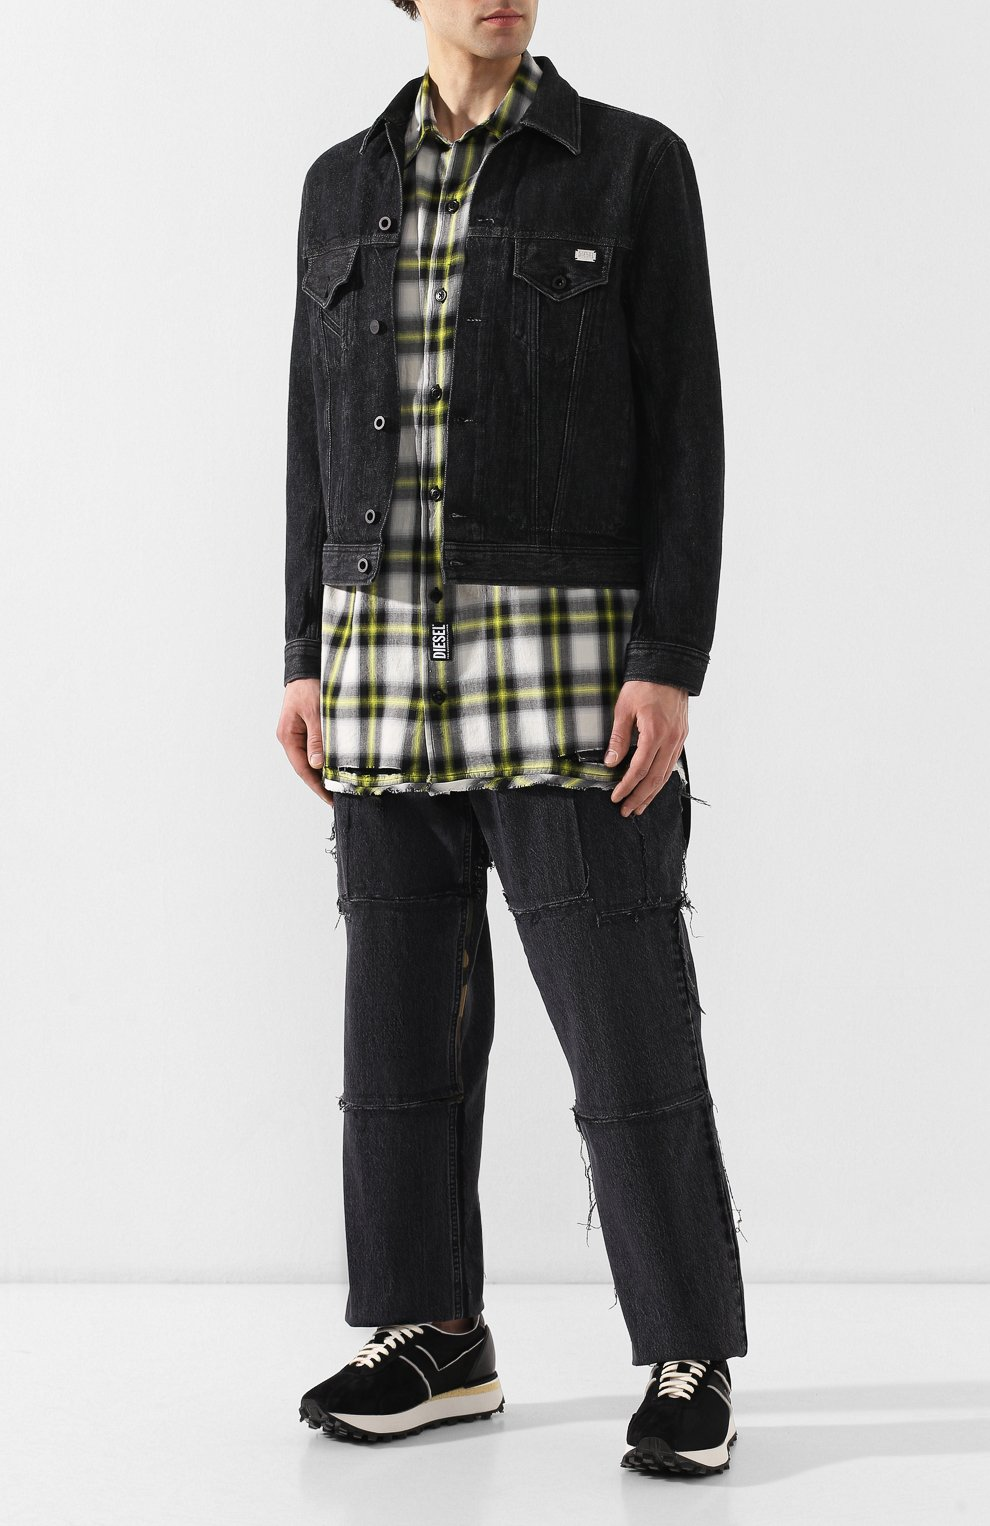 Джинсовая куртка Diesel черная   Фото №2